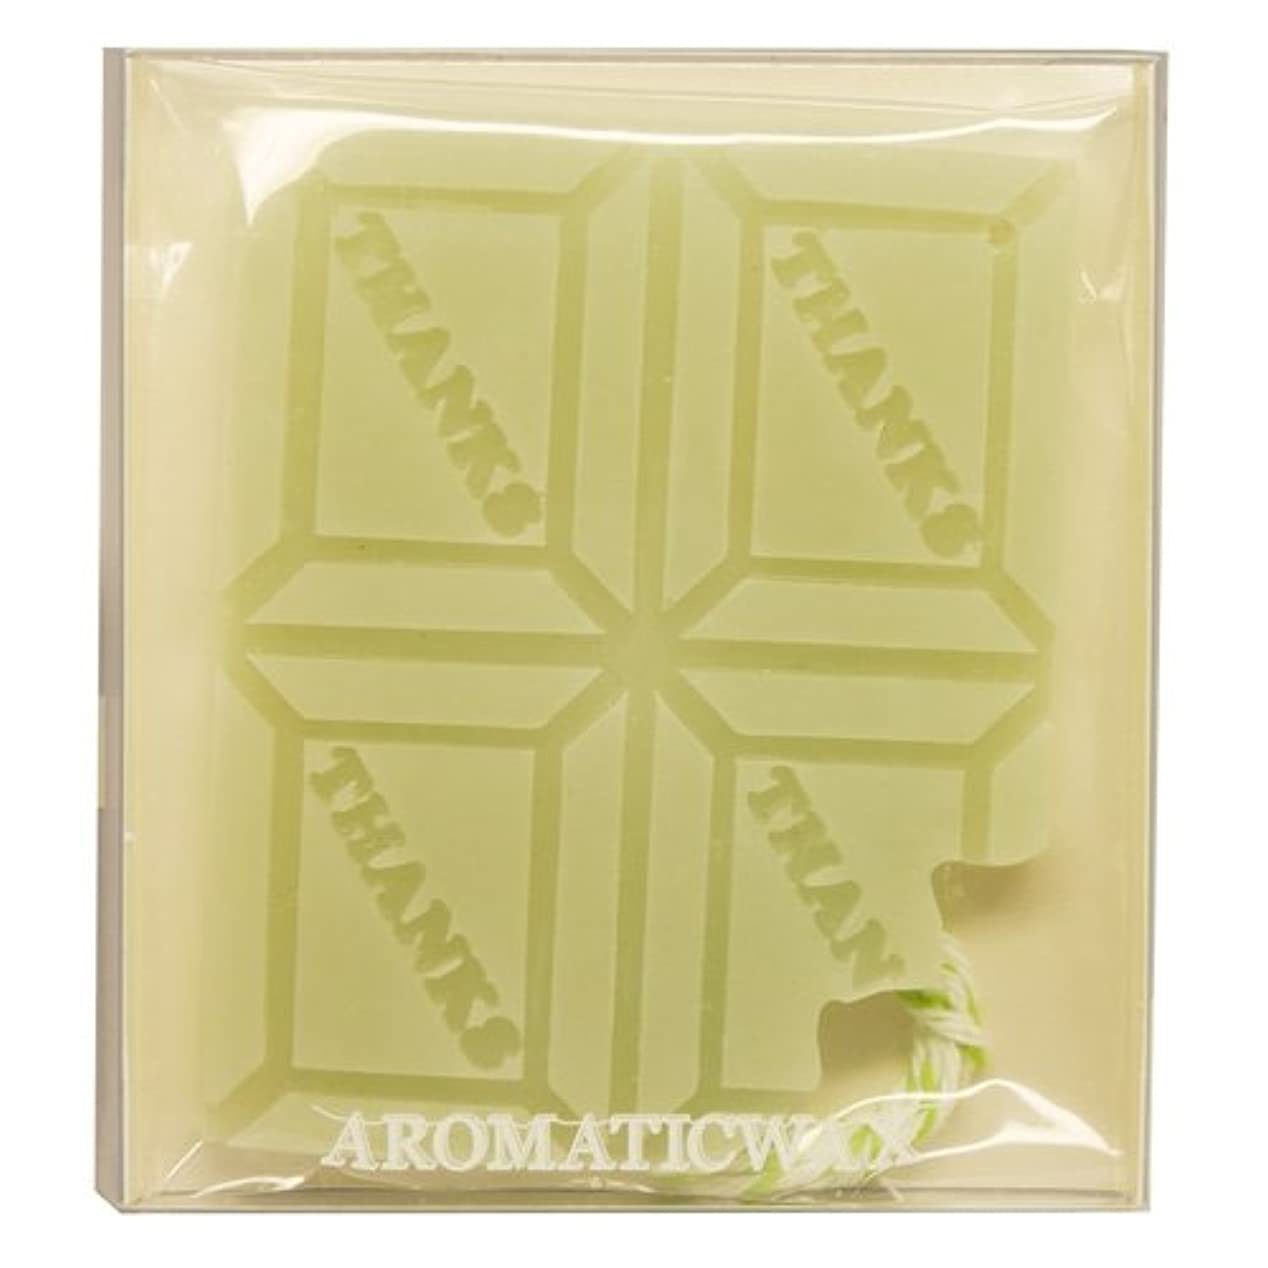 乏しいブルーム極貧GRASSE TOKYO AROMATICWAXチャーム「板チョコ(THANKS)」(GR) レモングラス アロマティックワックス グラーストウキョウ